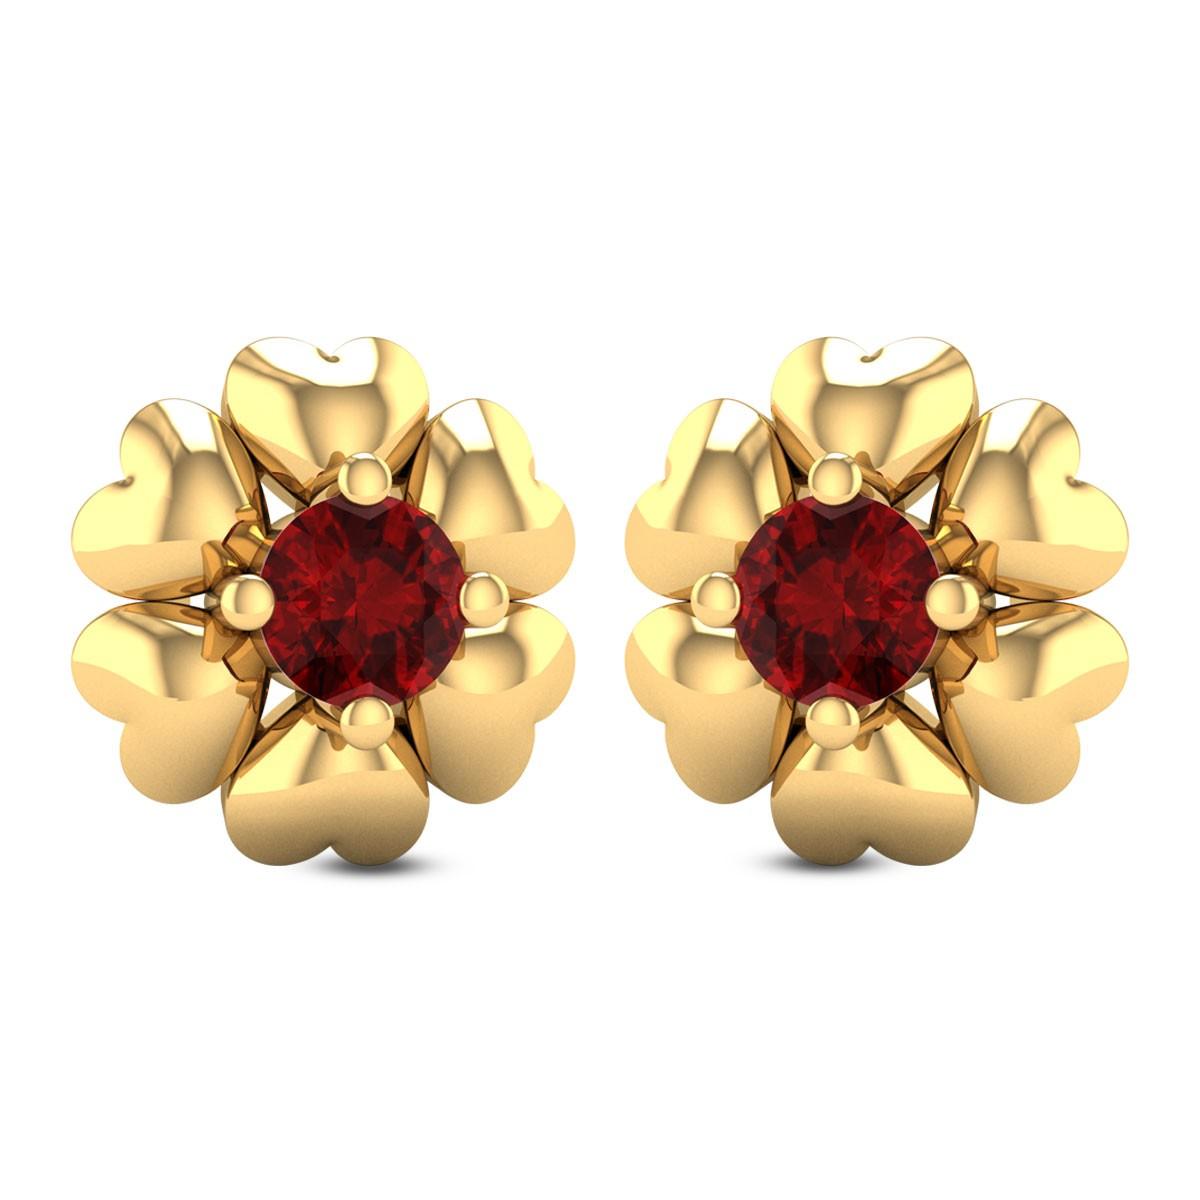 Heart Cluster Stud Earrings